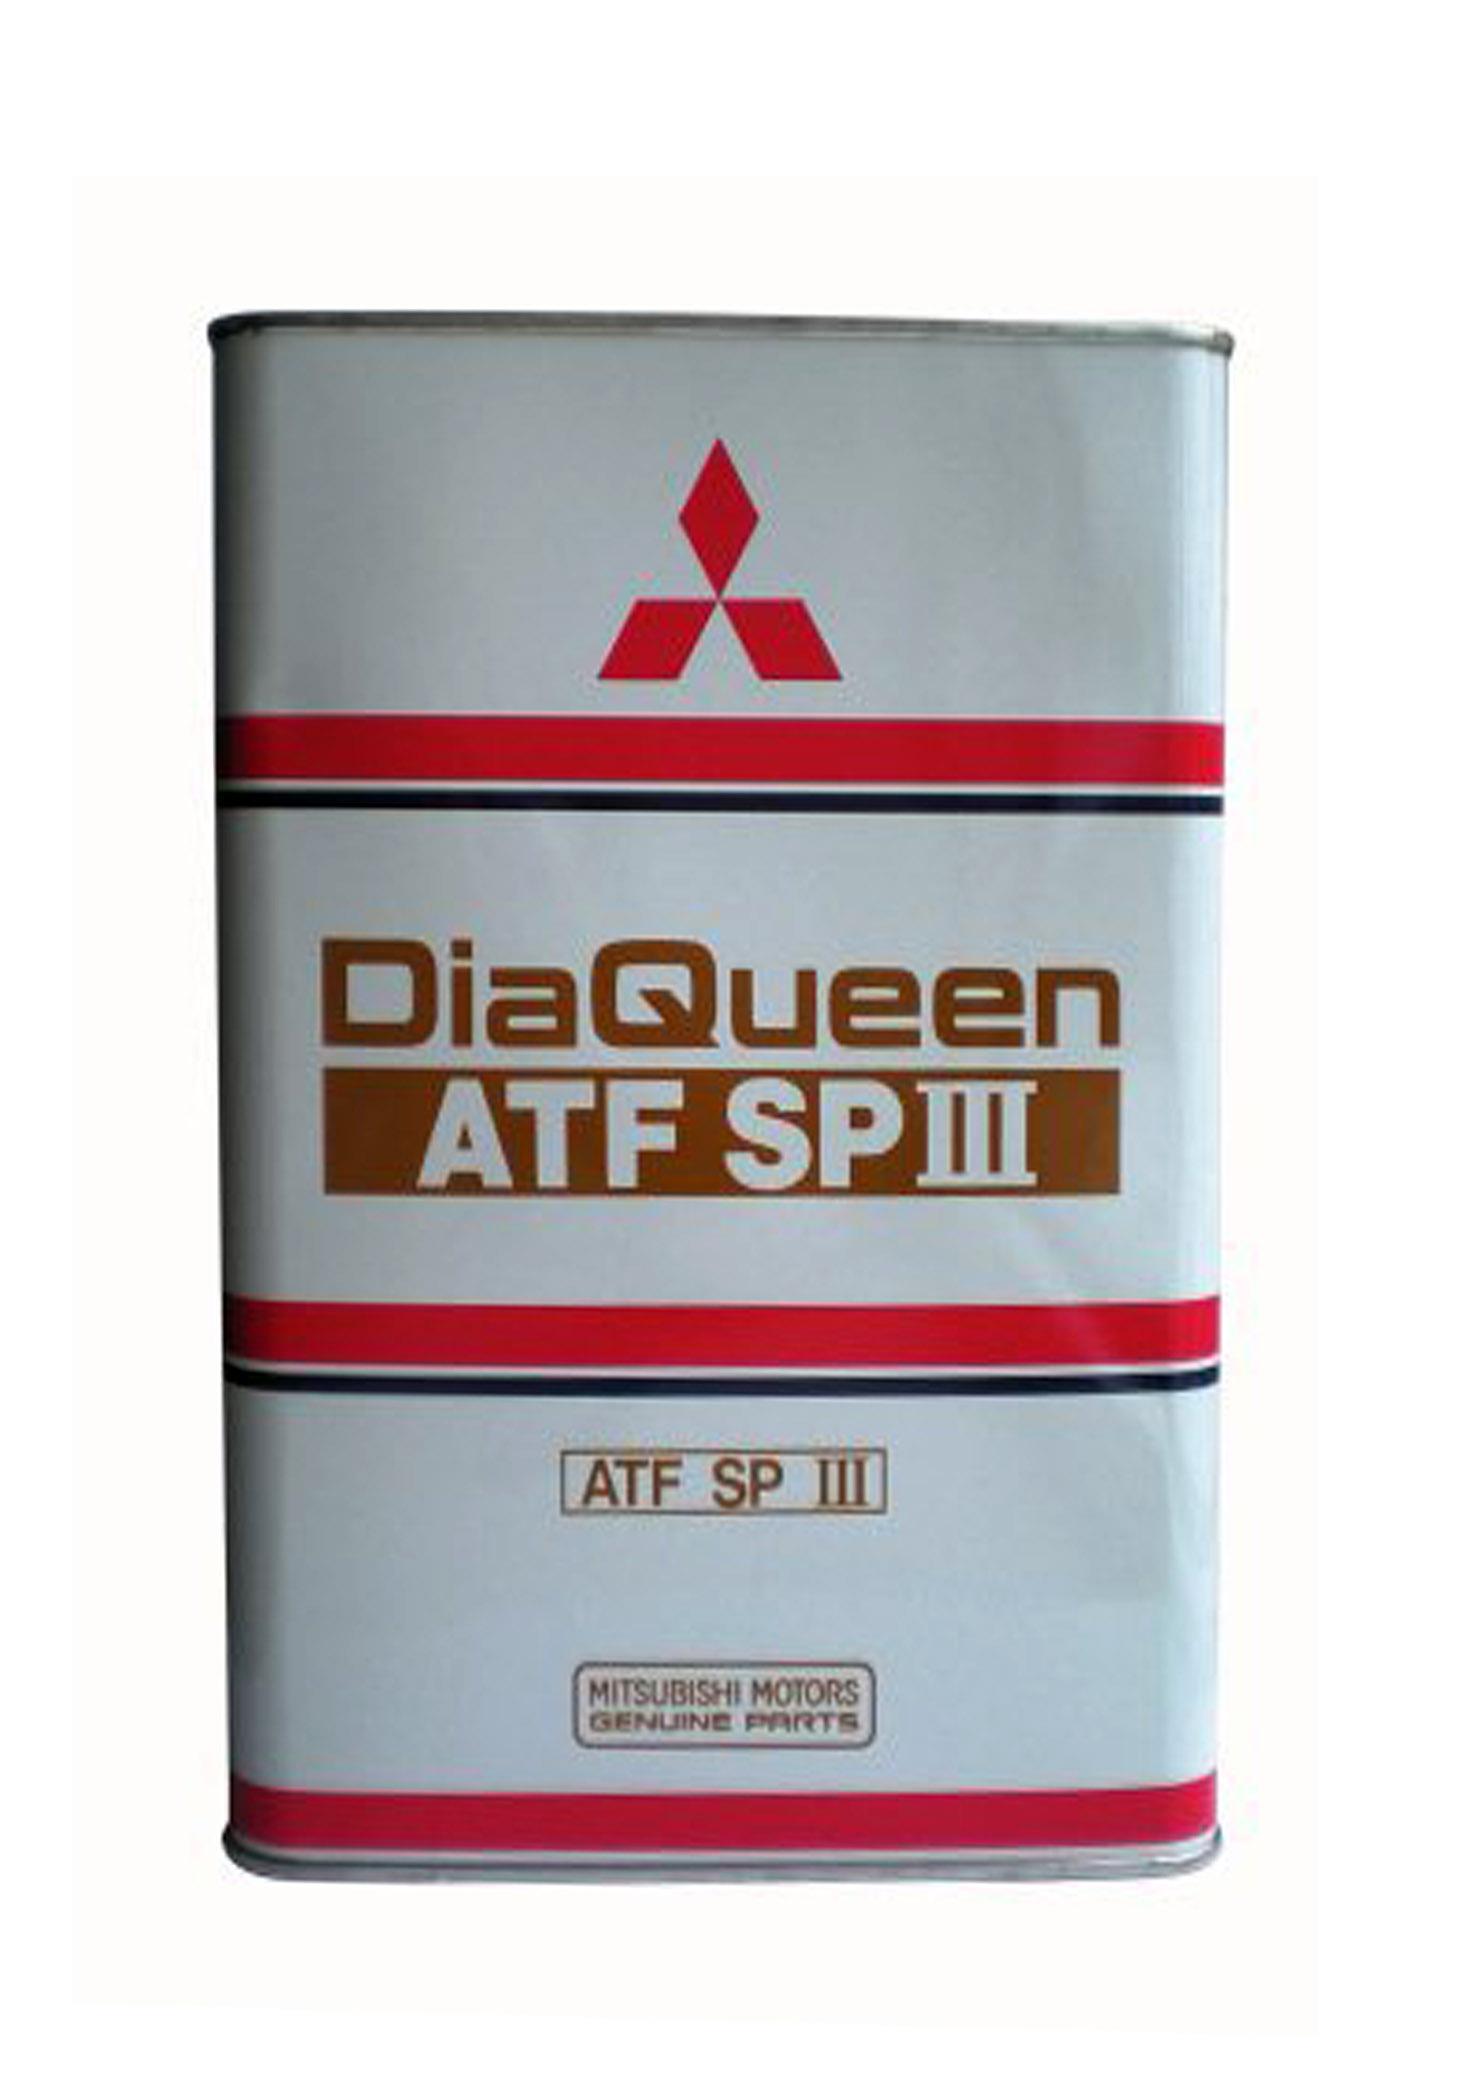 Mitsubishi DIA Queen ATF SP III 4L